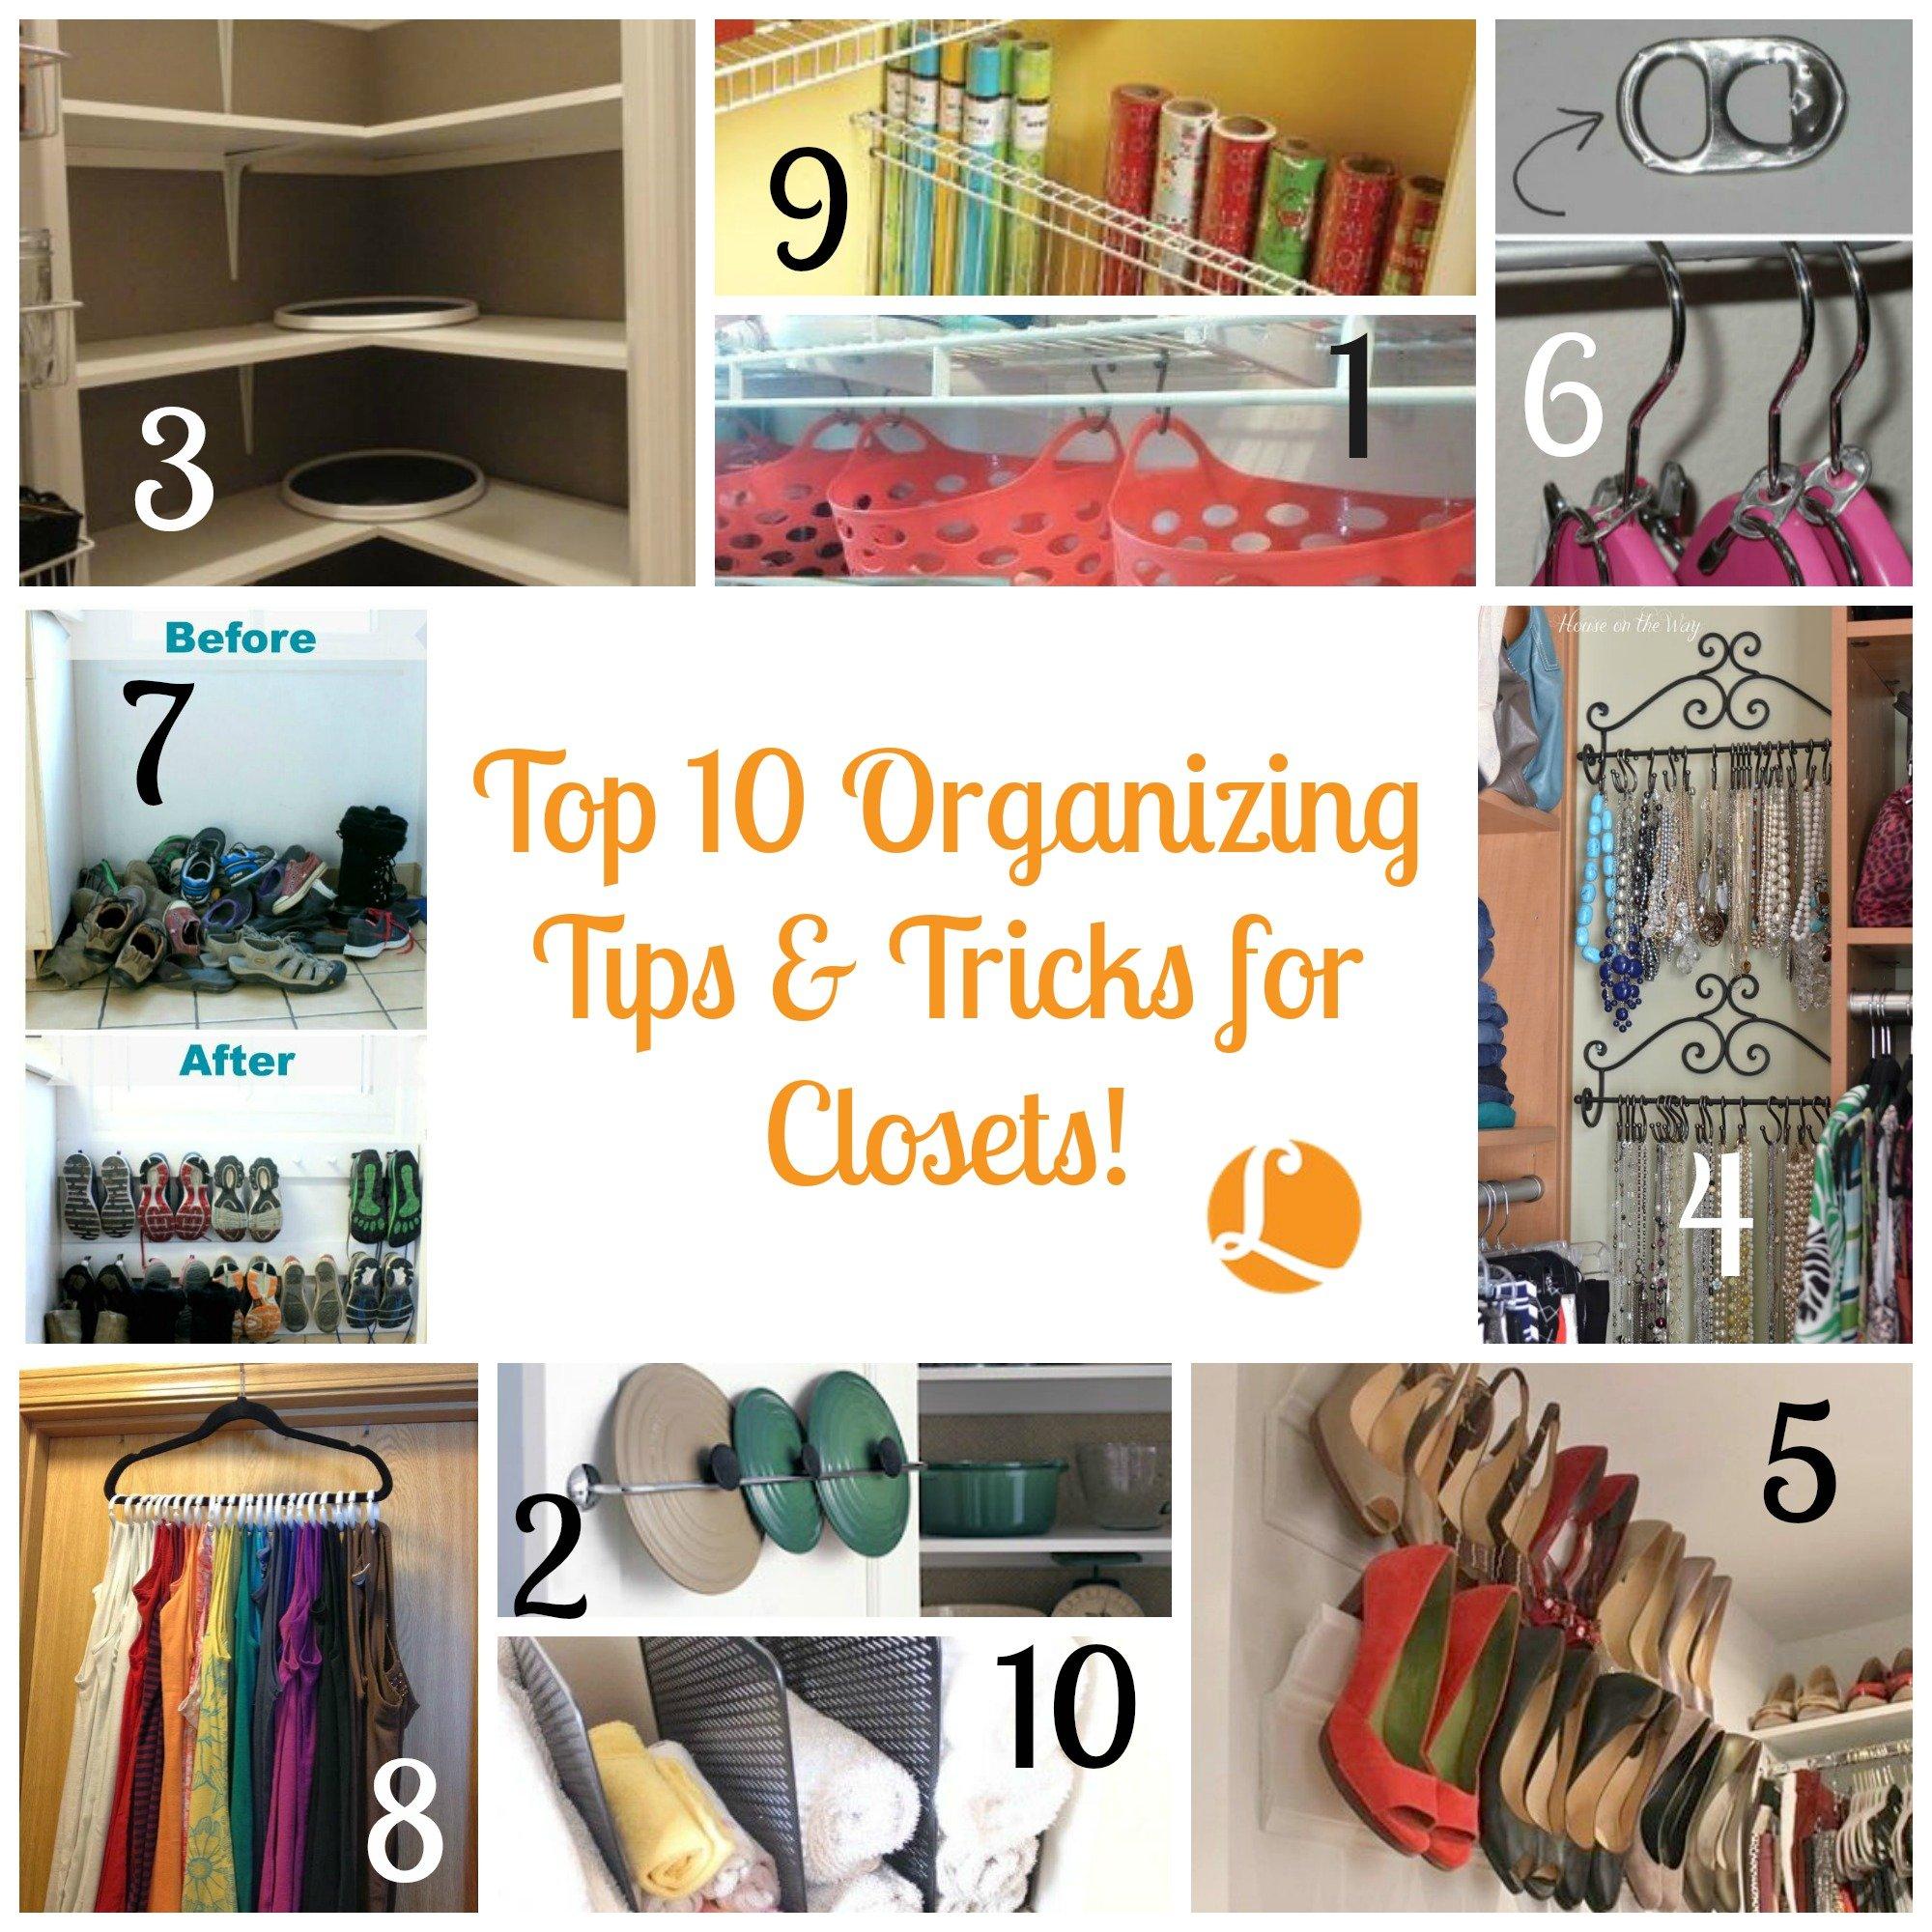 Captivating Top10OrganizingTipsu0026TricksClosets_12115